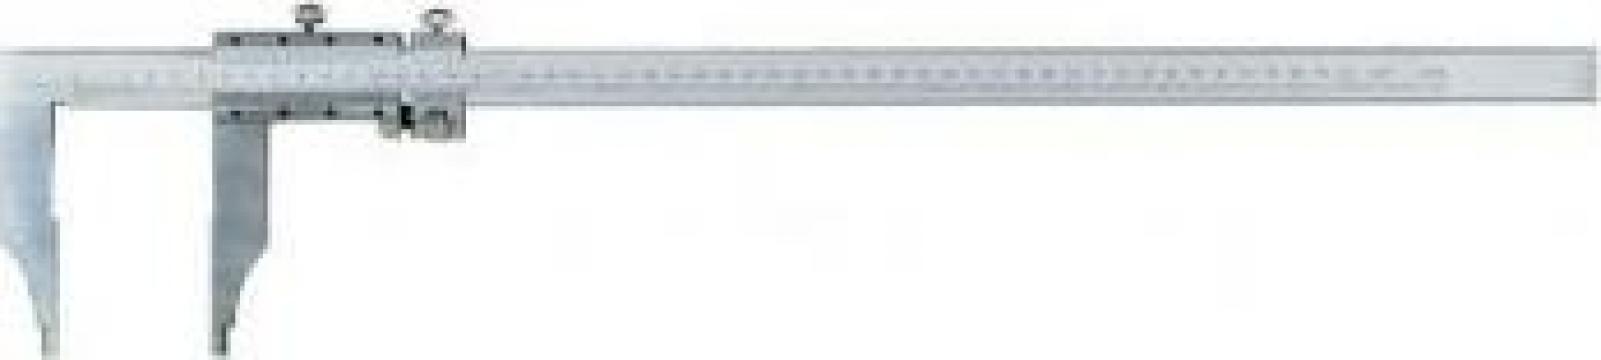 Subler cu ajustare fina 0 - 1000 C020/1000 de la Proma Machinery Srl.